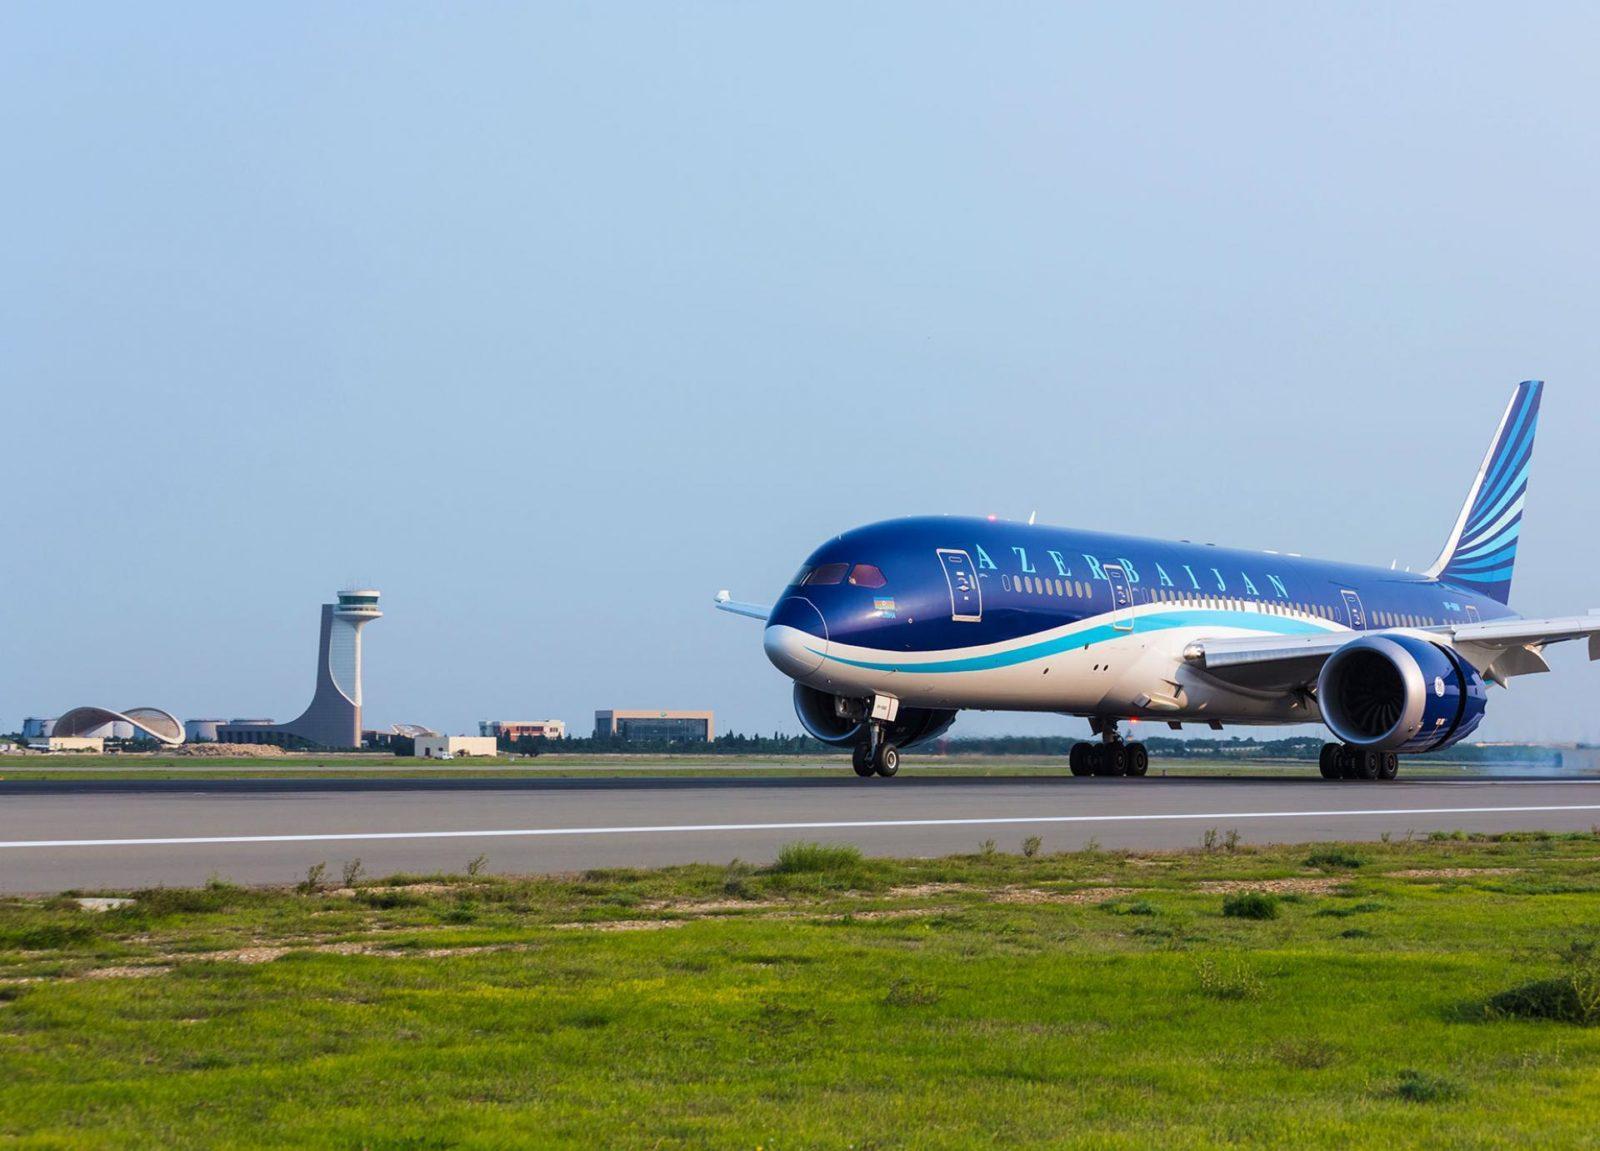 Azerbaijan Airlines - ავიაკომპანია აზერბაიჯანის ავიახაზები - Azerbaijan Airlines